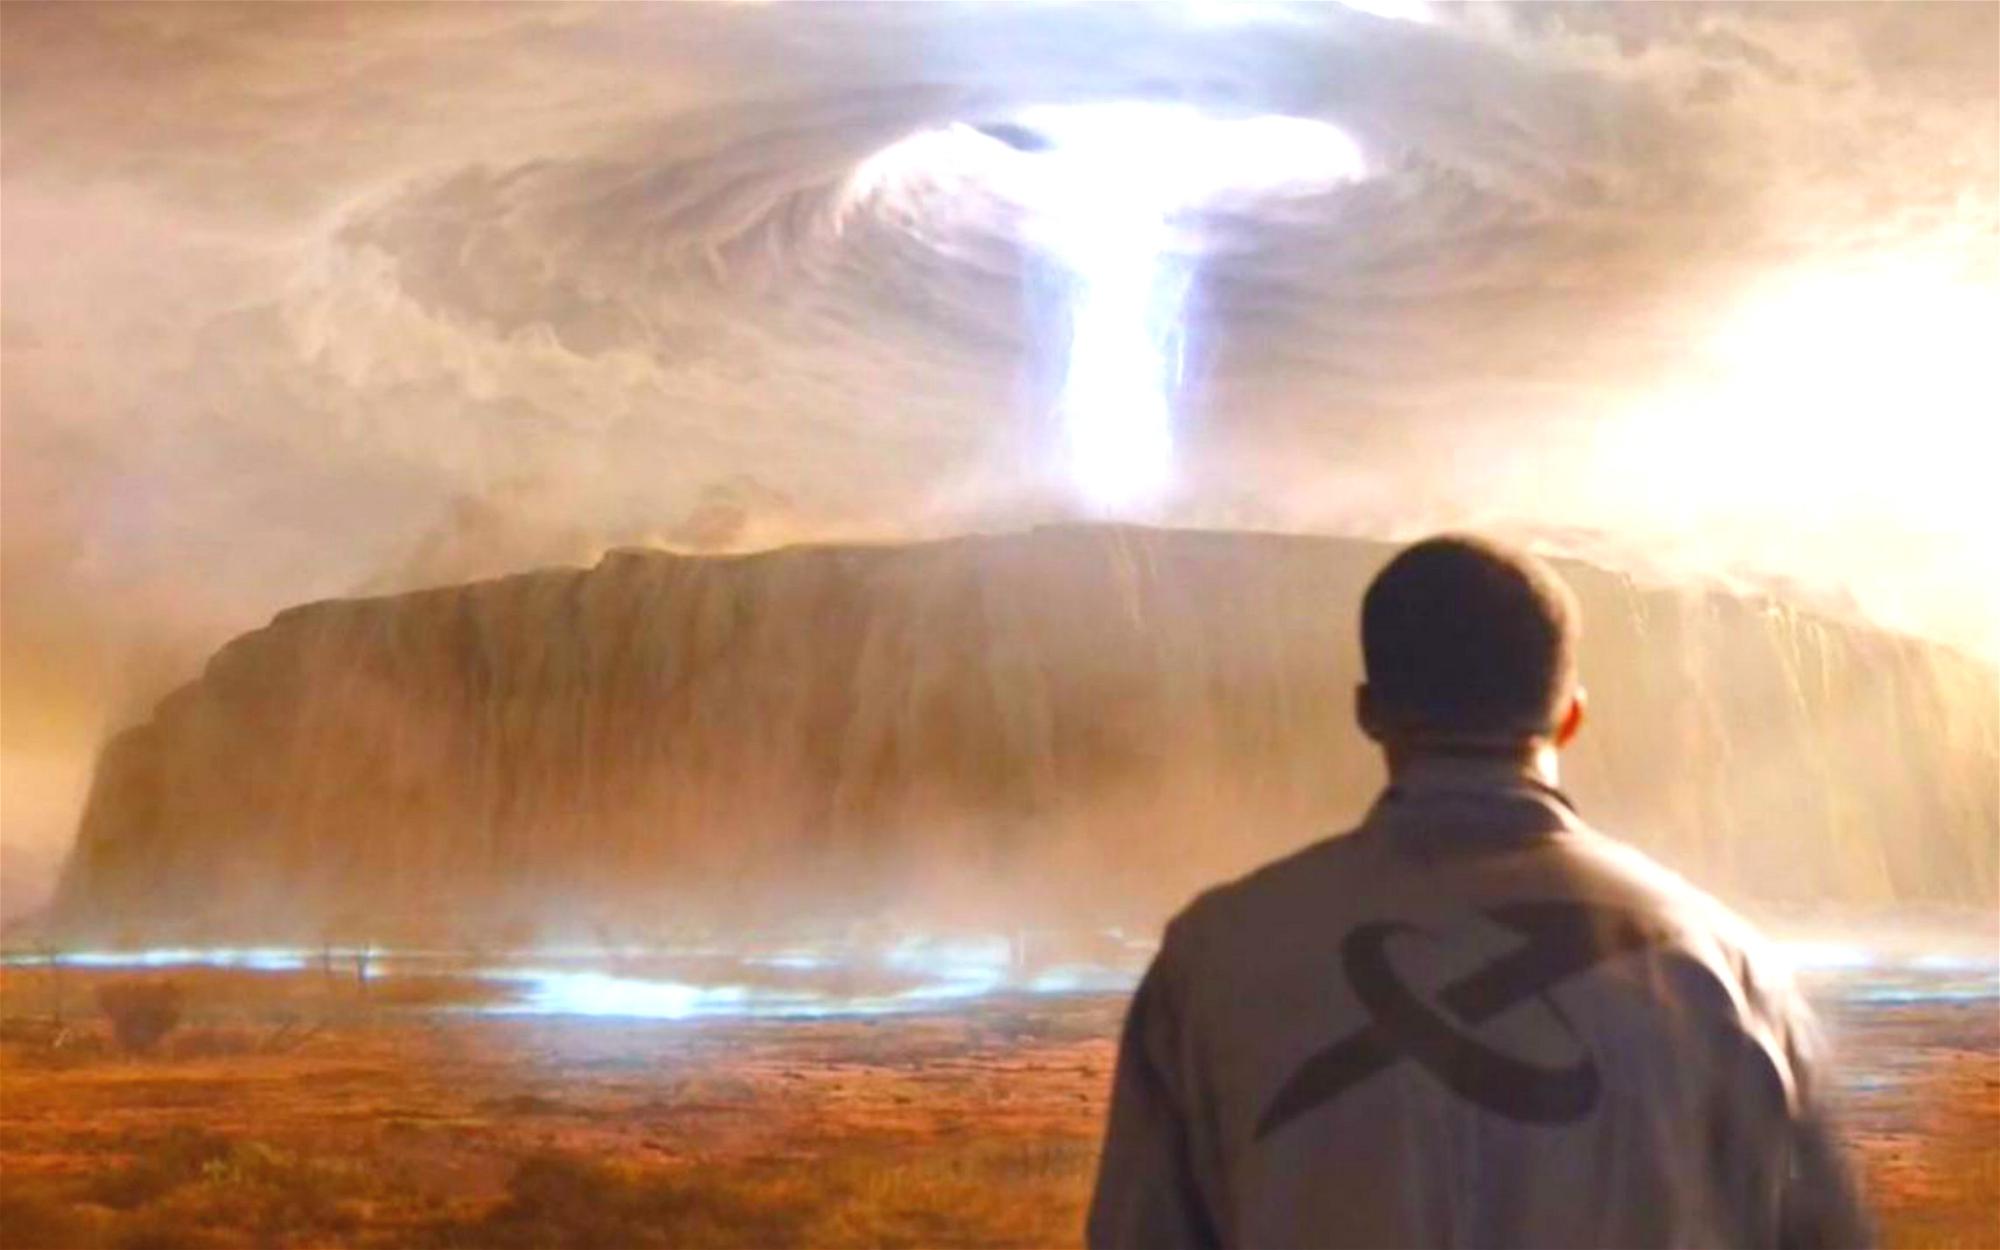 男子偷偷钻进神级文明飞船,在到达外星人母星后,被那里的科技吓傻 !